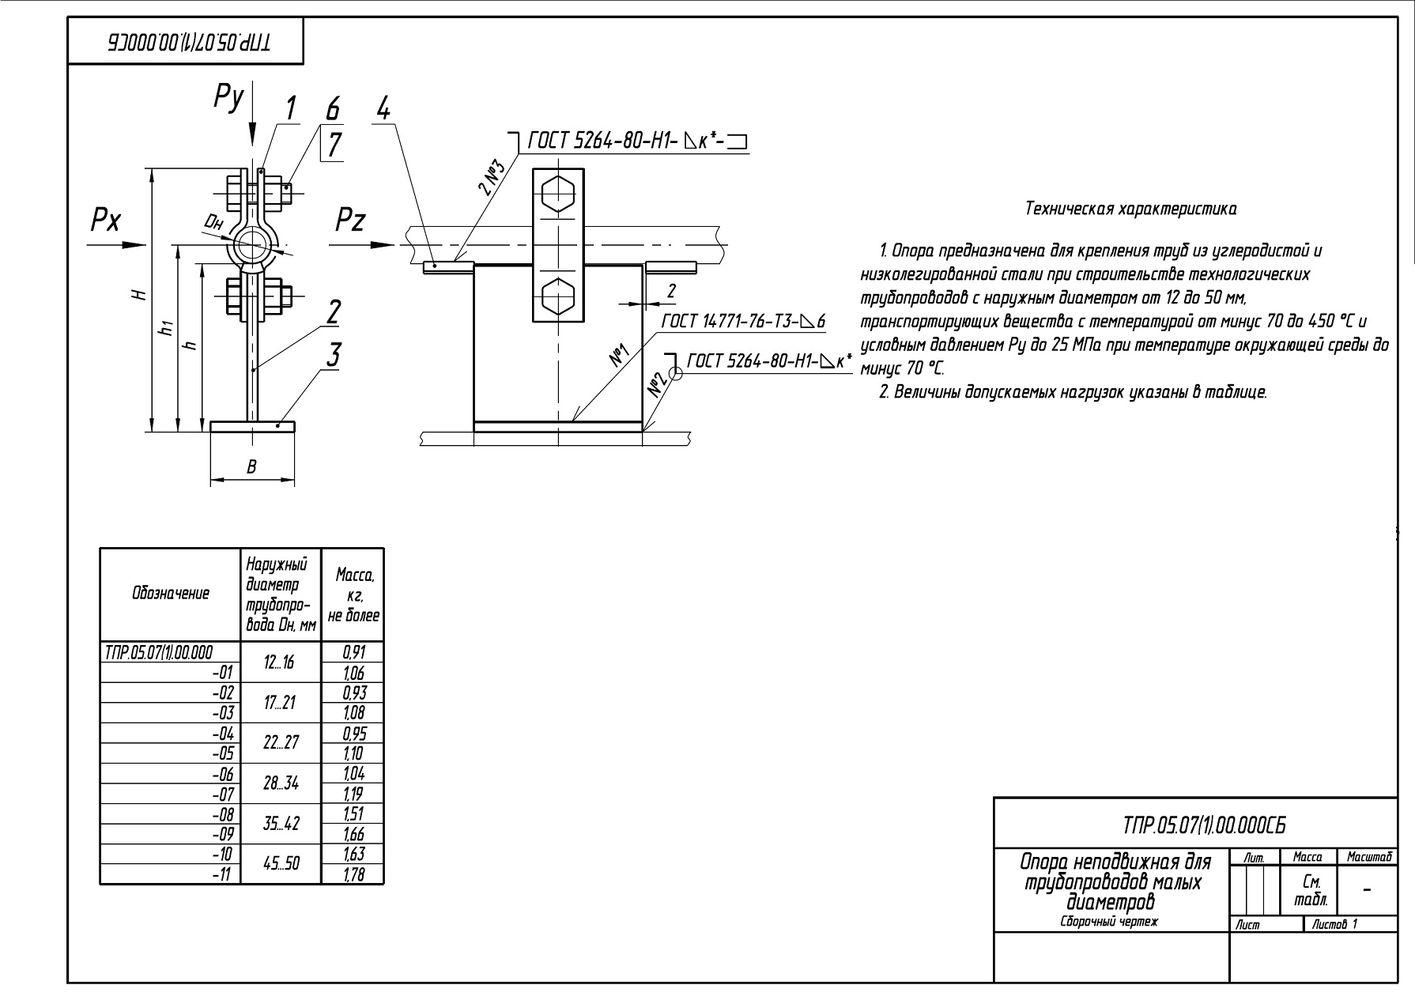 ТПР.05.07(1).00.000 Опора неподвижная для трубопроводов малых диаметров Дн12-50 мм